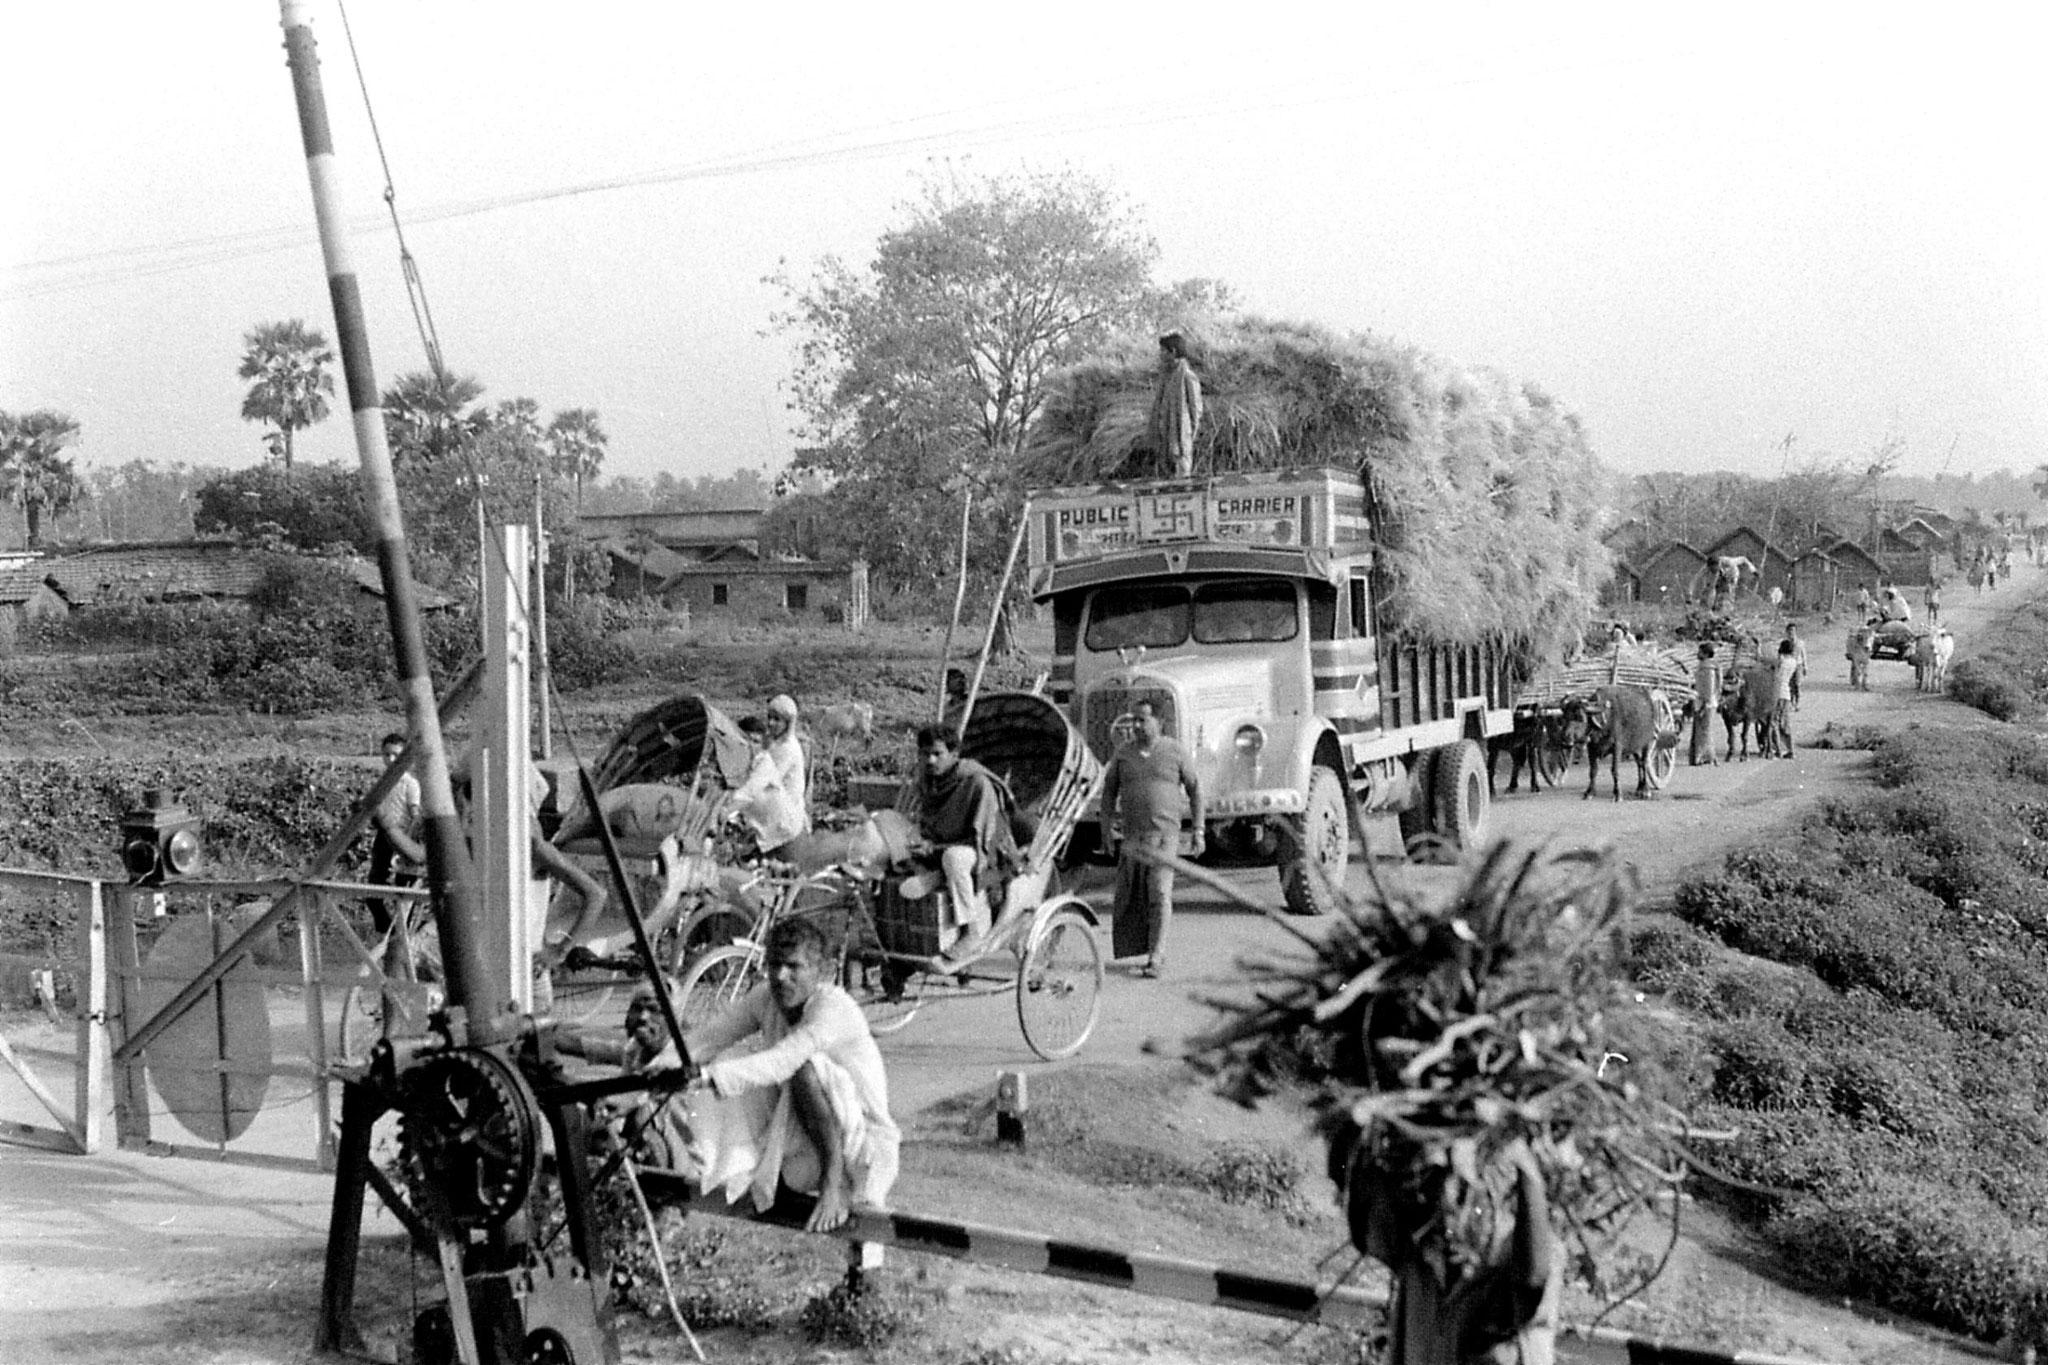 7/4/1990: 14: East Bihar after Katihar